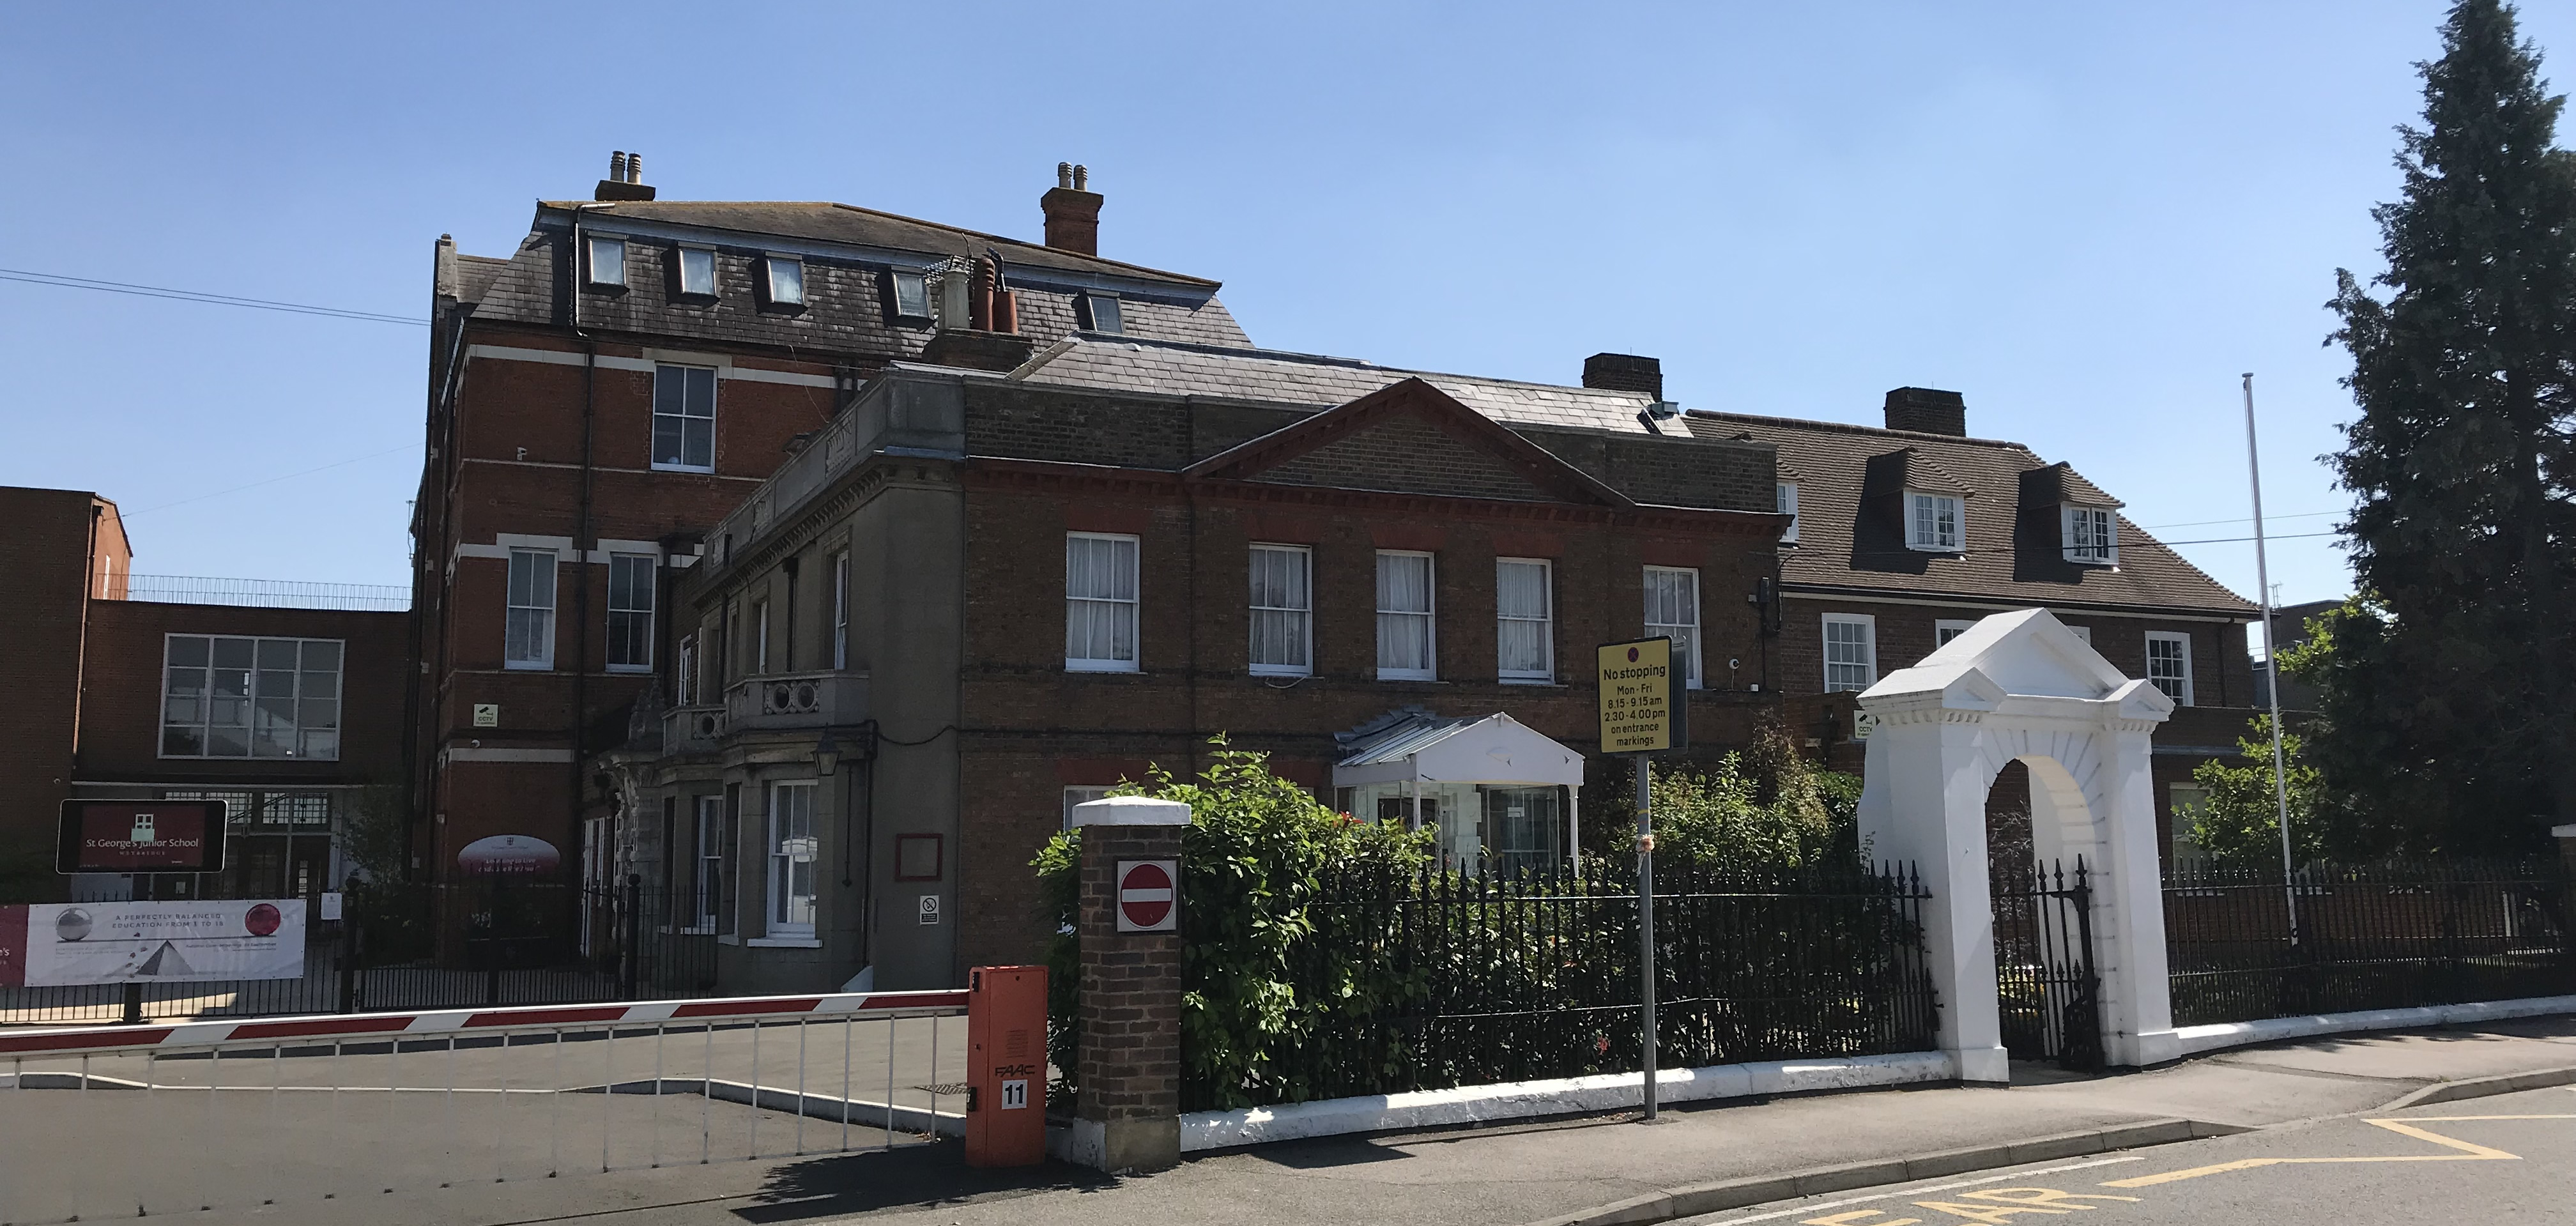 St George's Junior School Weybridge Surrey